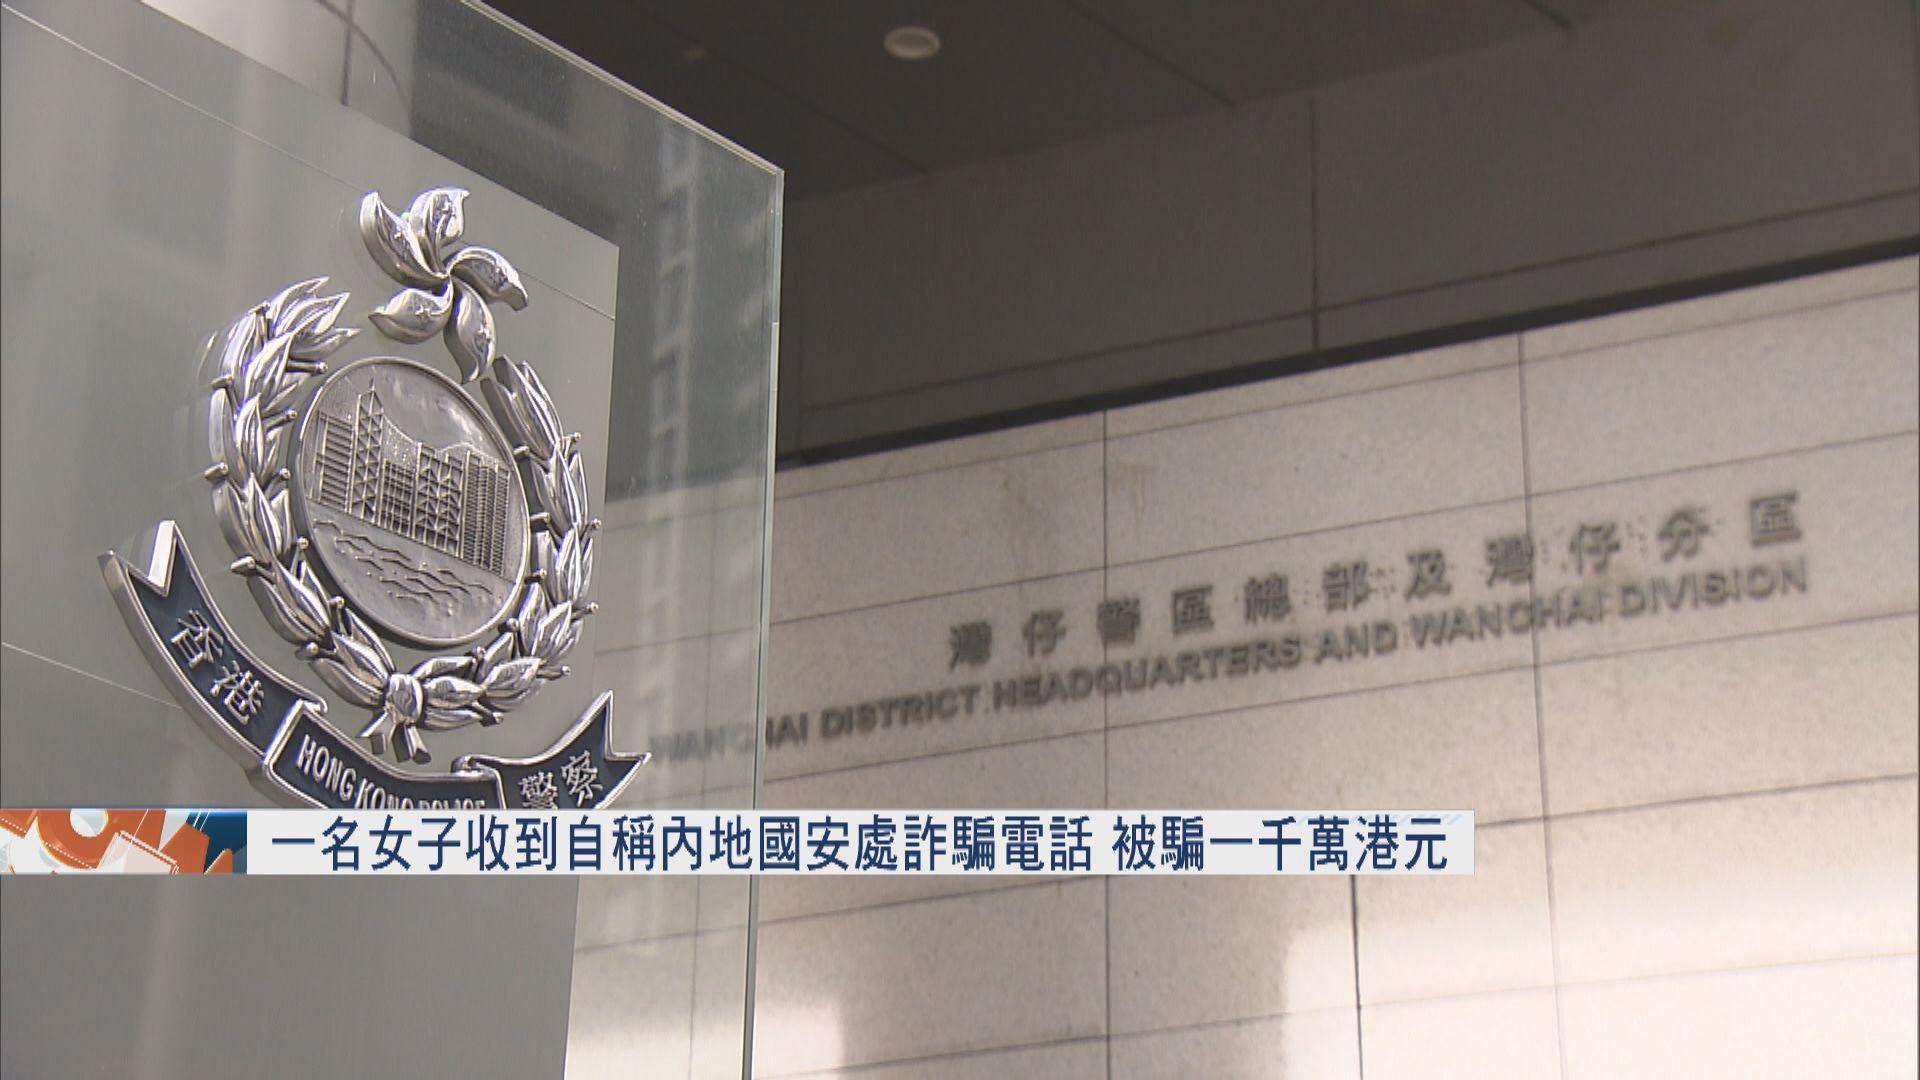 一名女子收到自稱內地國安處詐騙電話 被騙一千萬港元